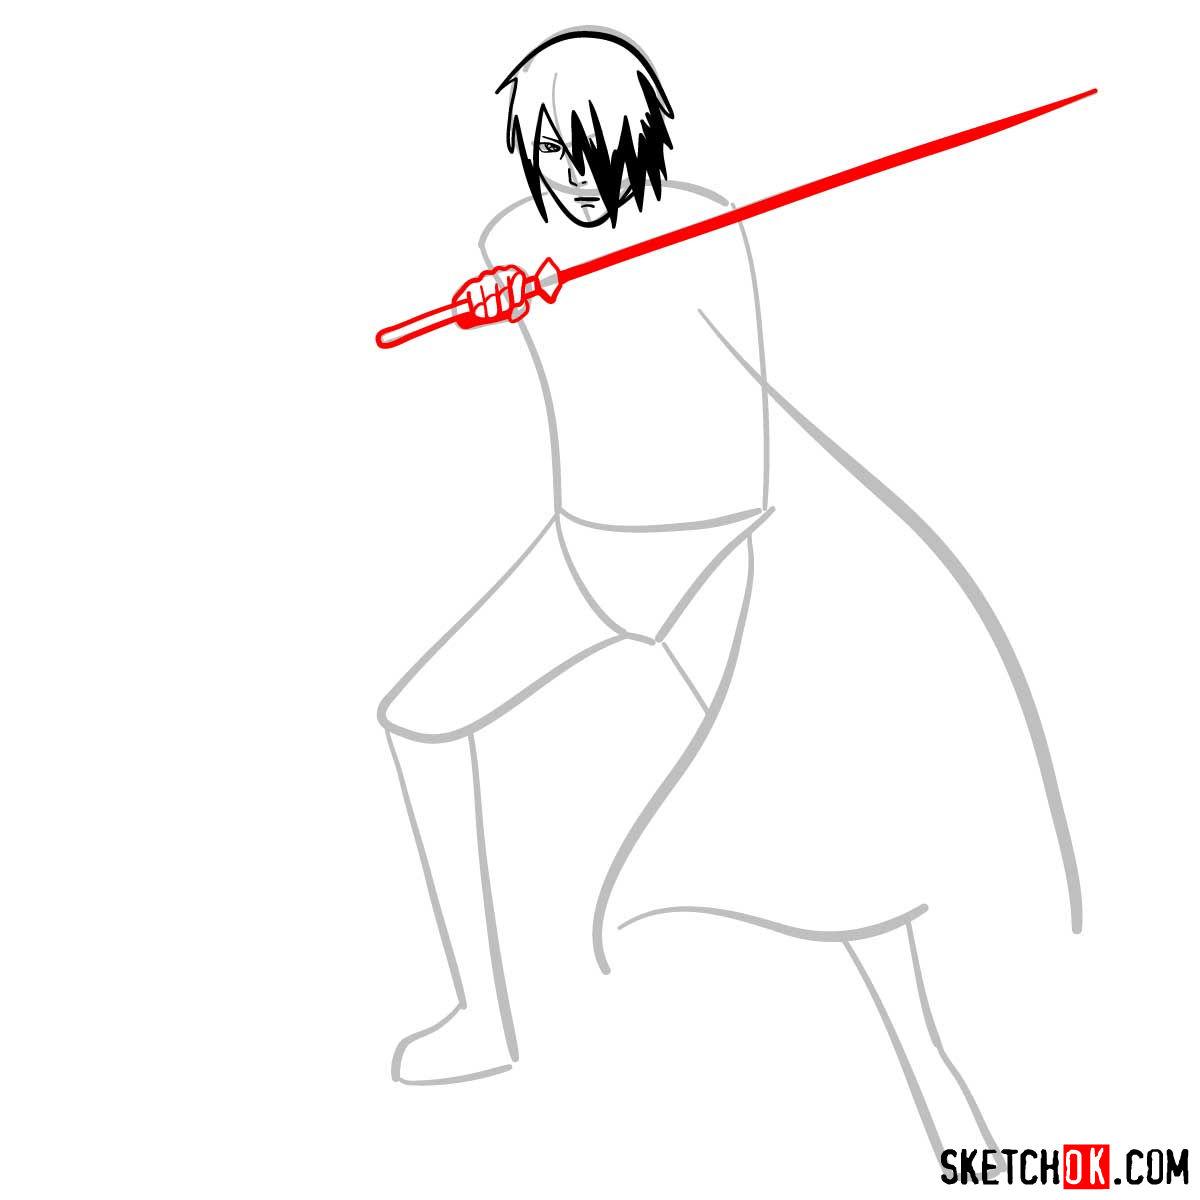 How to draw Sasuke Uchiha from Naruto anime - step 05